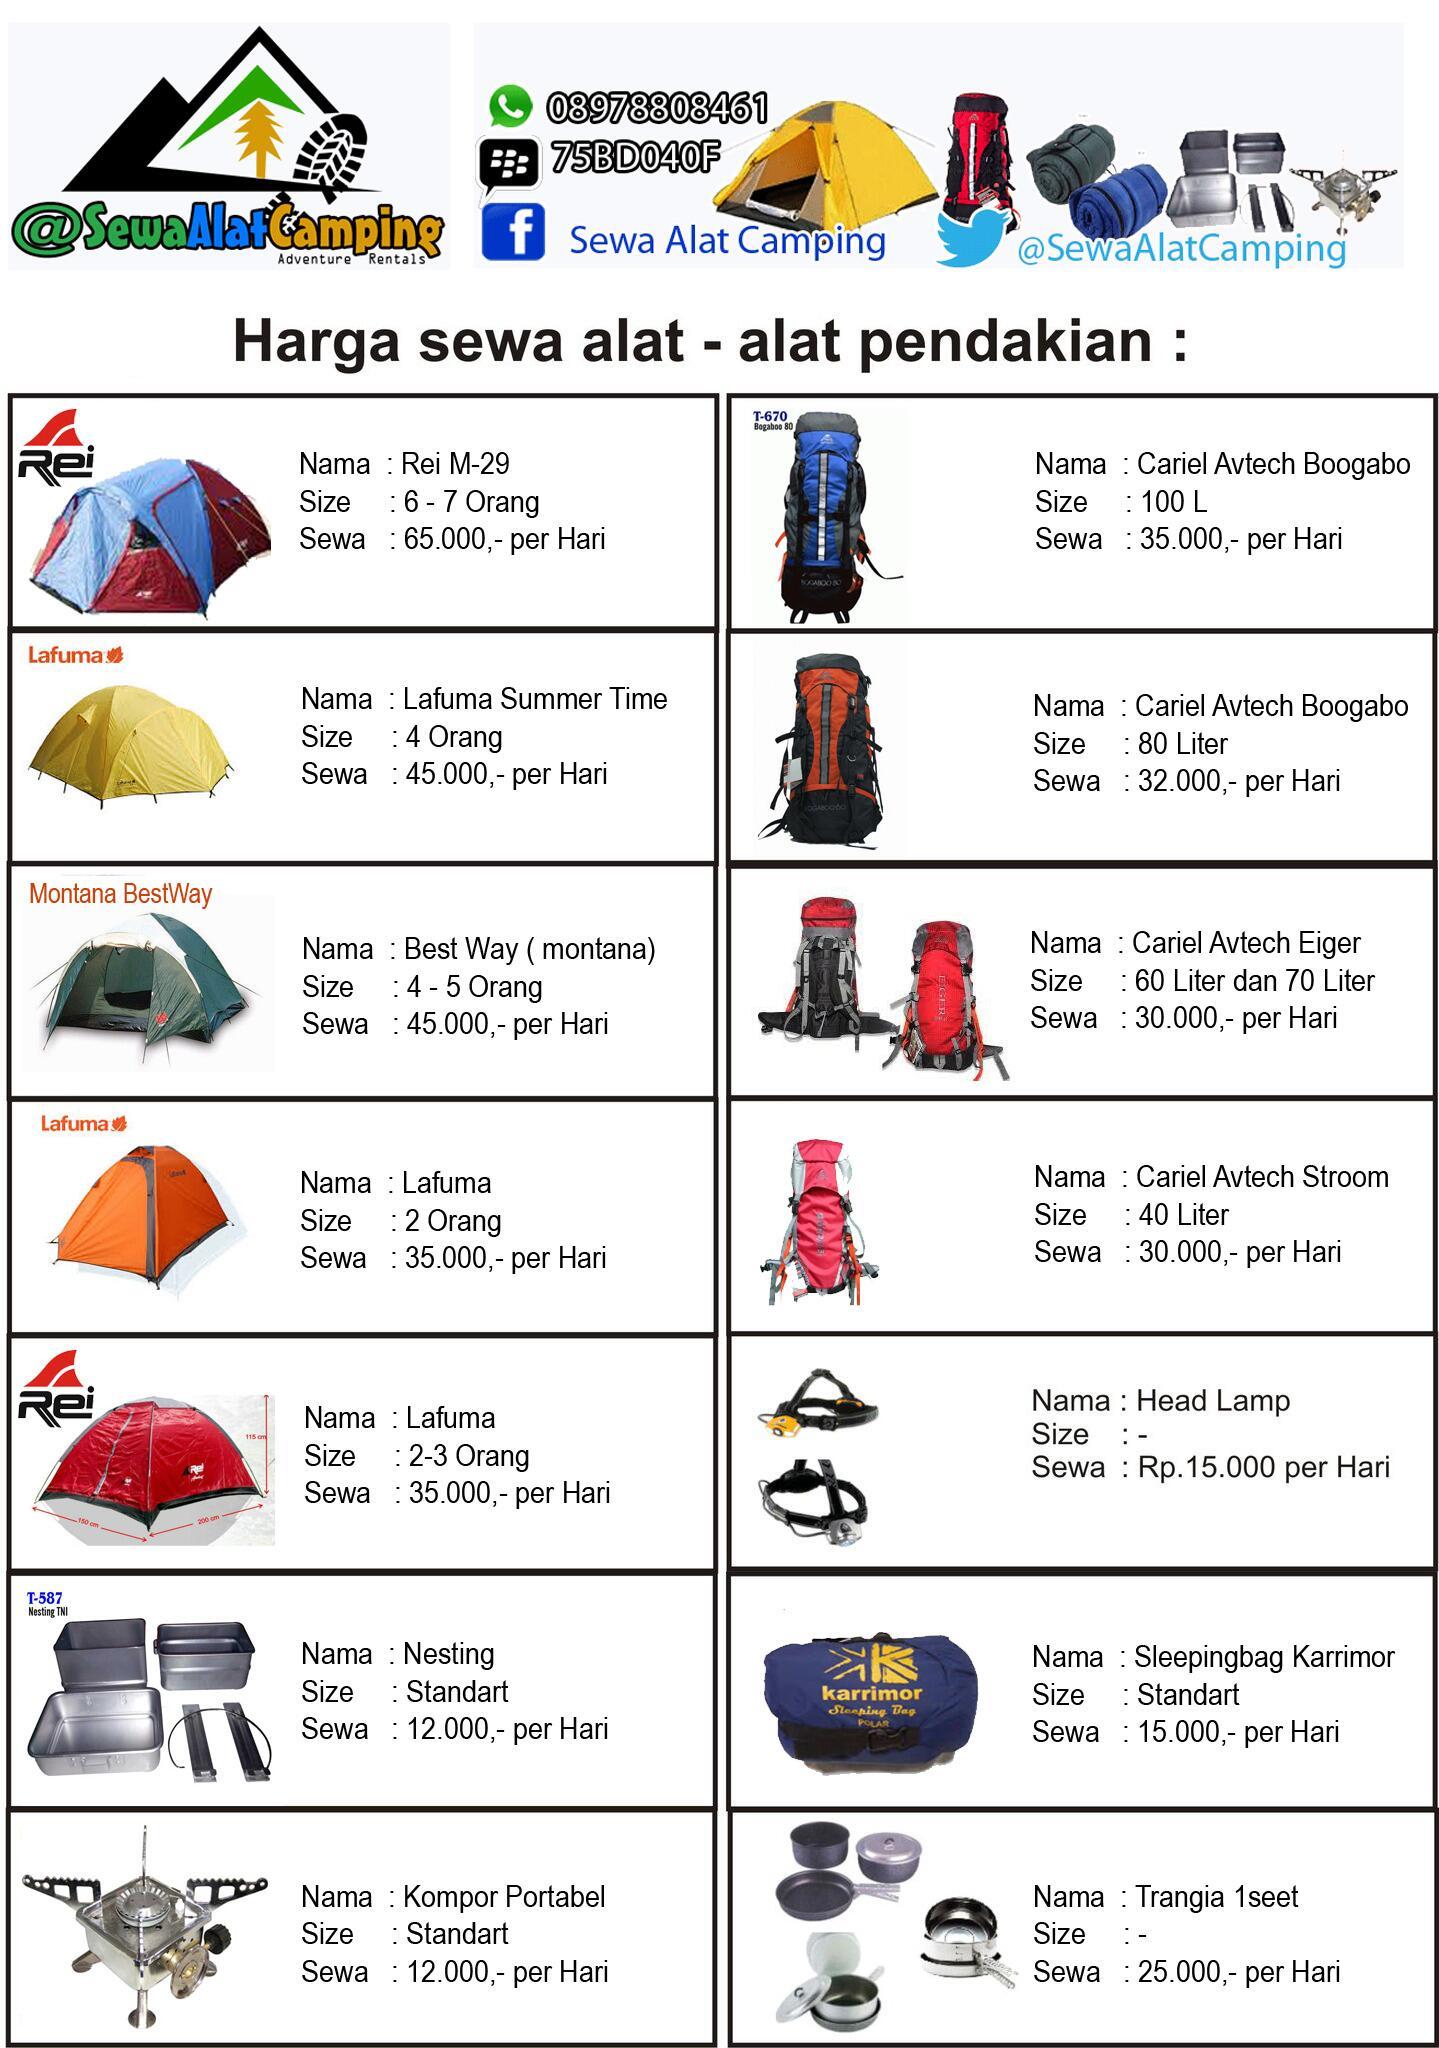 Sewa Tenda Camping على تويتر Daftar Harga Penyewaan Alat Camping Alat Gunung Outdoor Dll Yukk Di Cek Dan Di Liat Di Http T Co Bpfuijvubd Http T Co Bebnyg5pgu